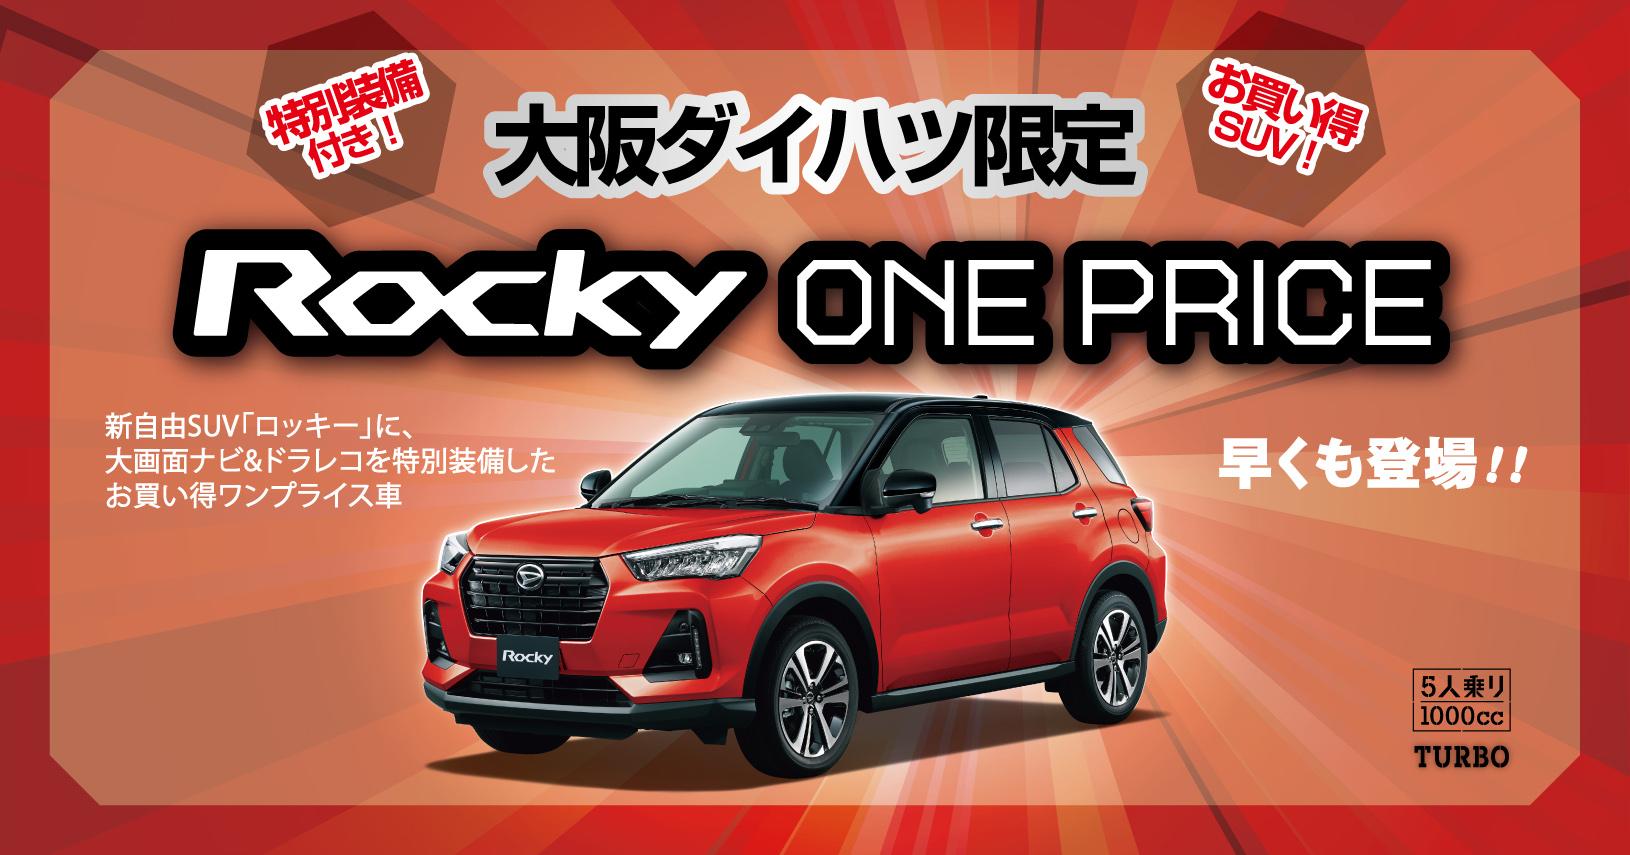 大阪ダイハツ限定!早くもロッキーがお買い得「ONE PRICE」!